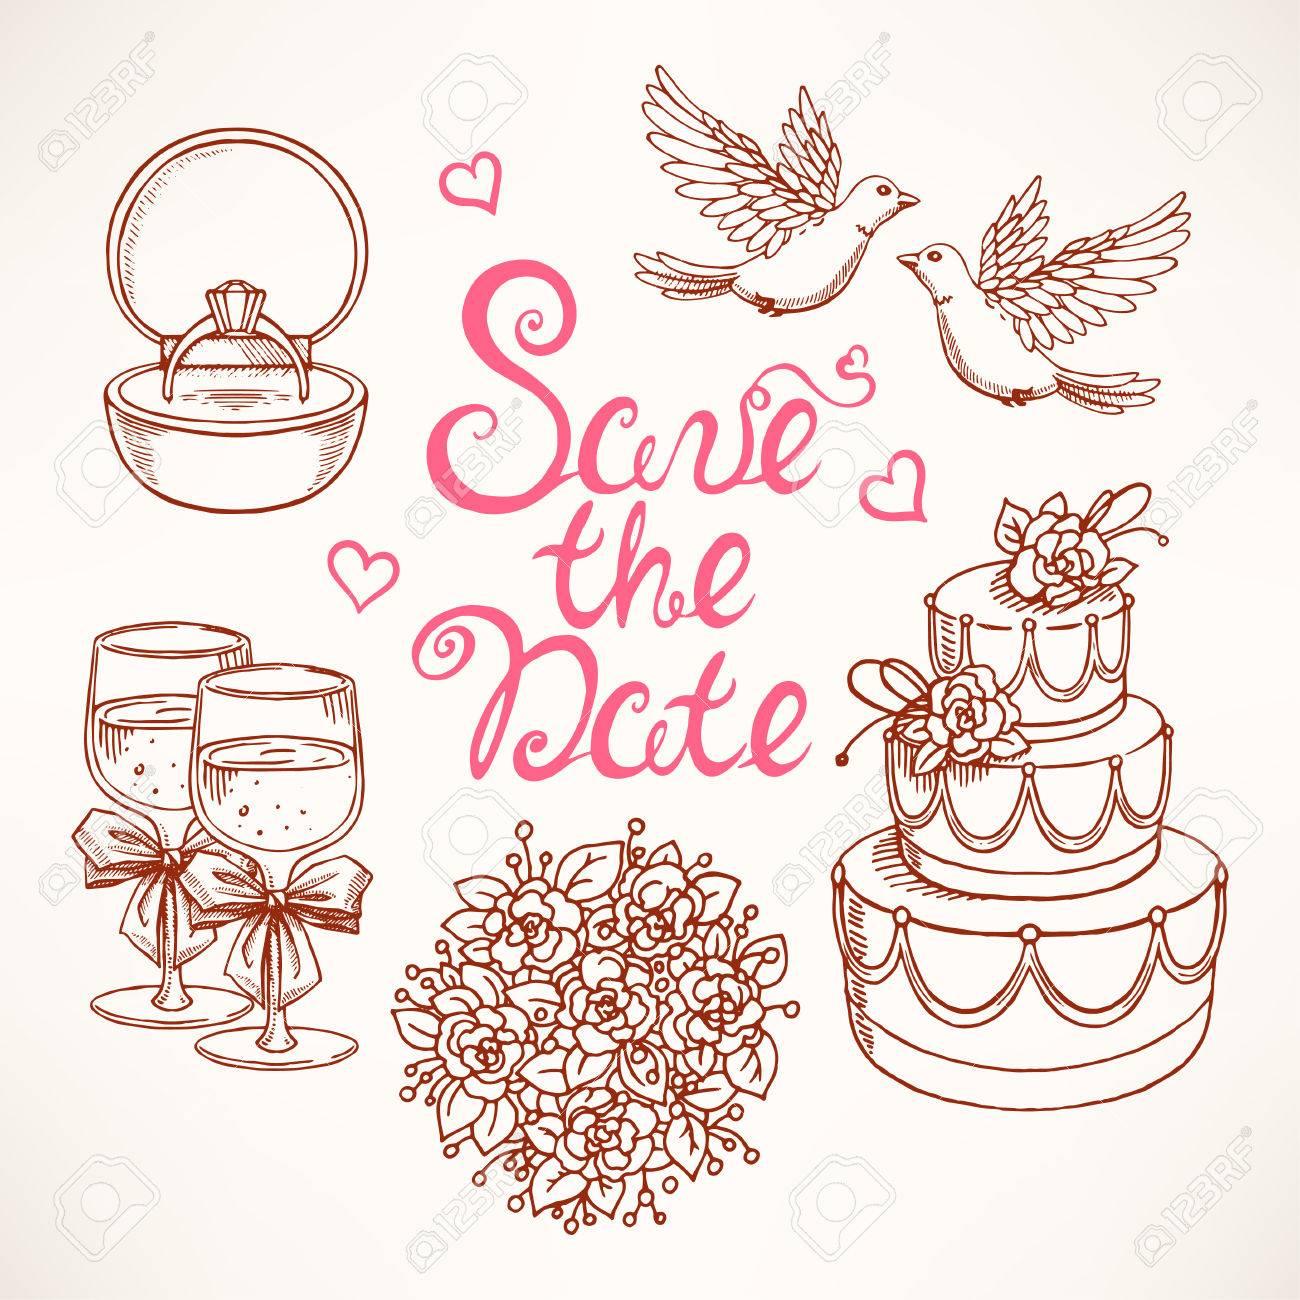 カップルのハト ウェディング ケーキ ブーケ 結婚式のためのかわいいセット 手描きのイラスト のイラスト素材 ベクタ Image